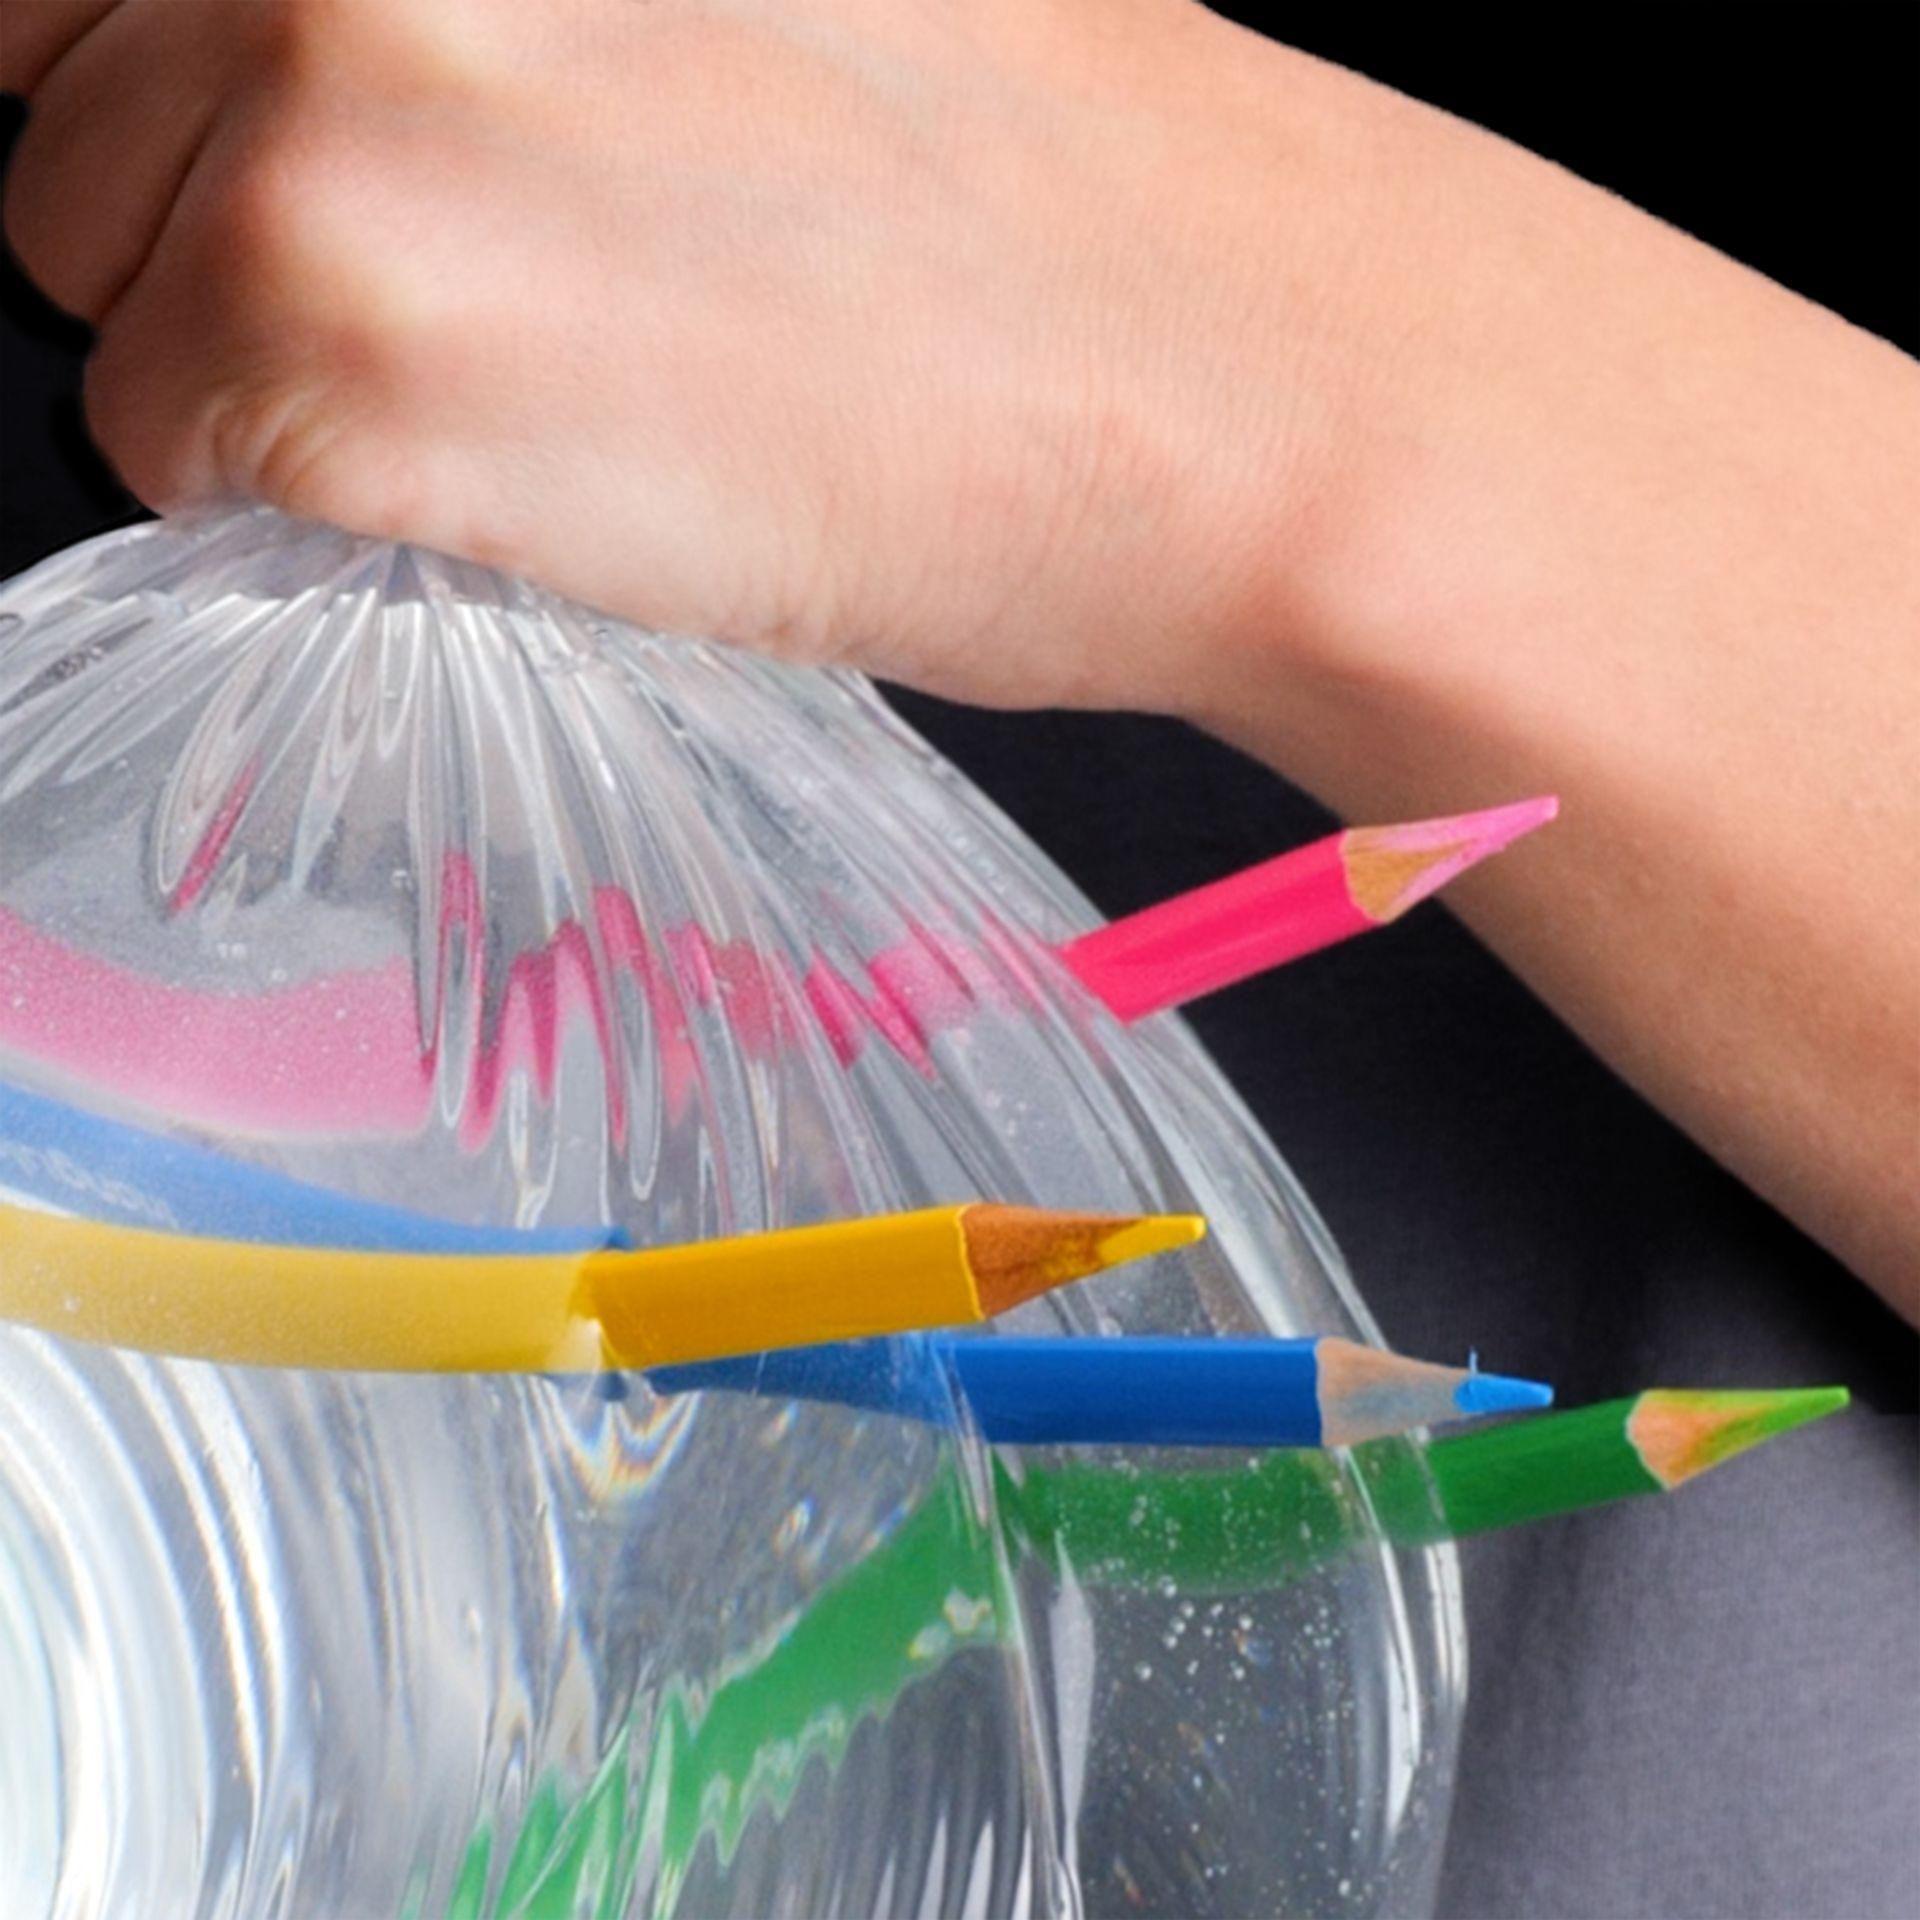 5 حرف ابداعية في دقائق 5 Creative Characters In Minutes 5 Recycle Youtube Make It Yourself Creative Recycling